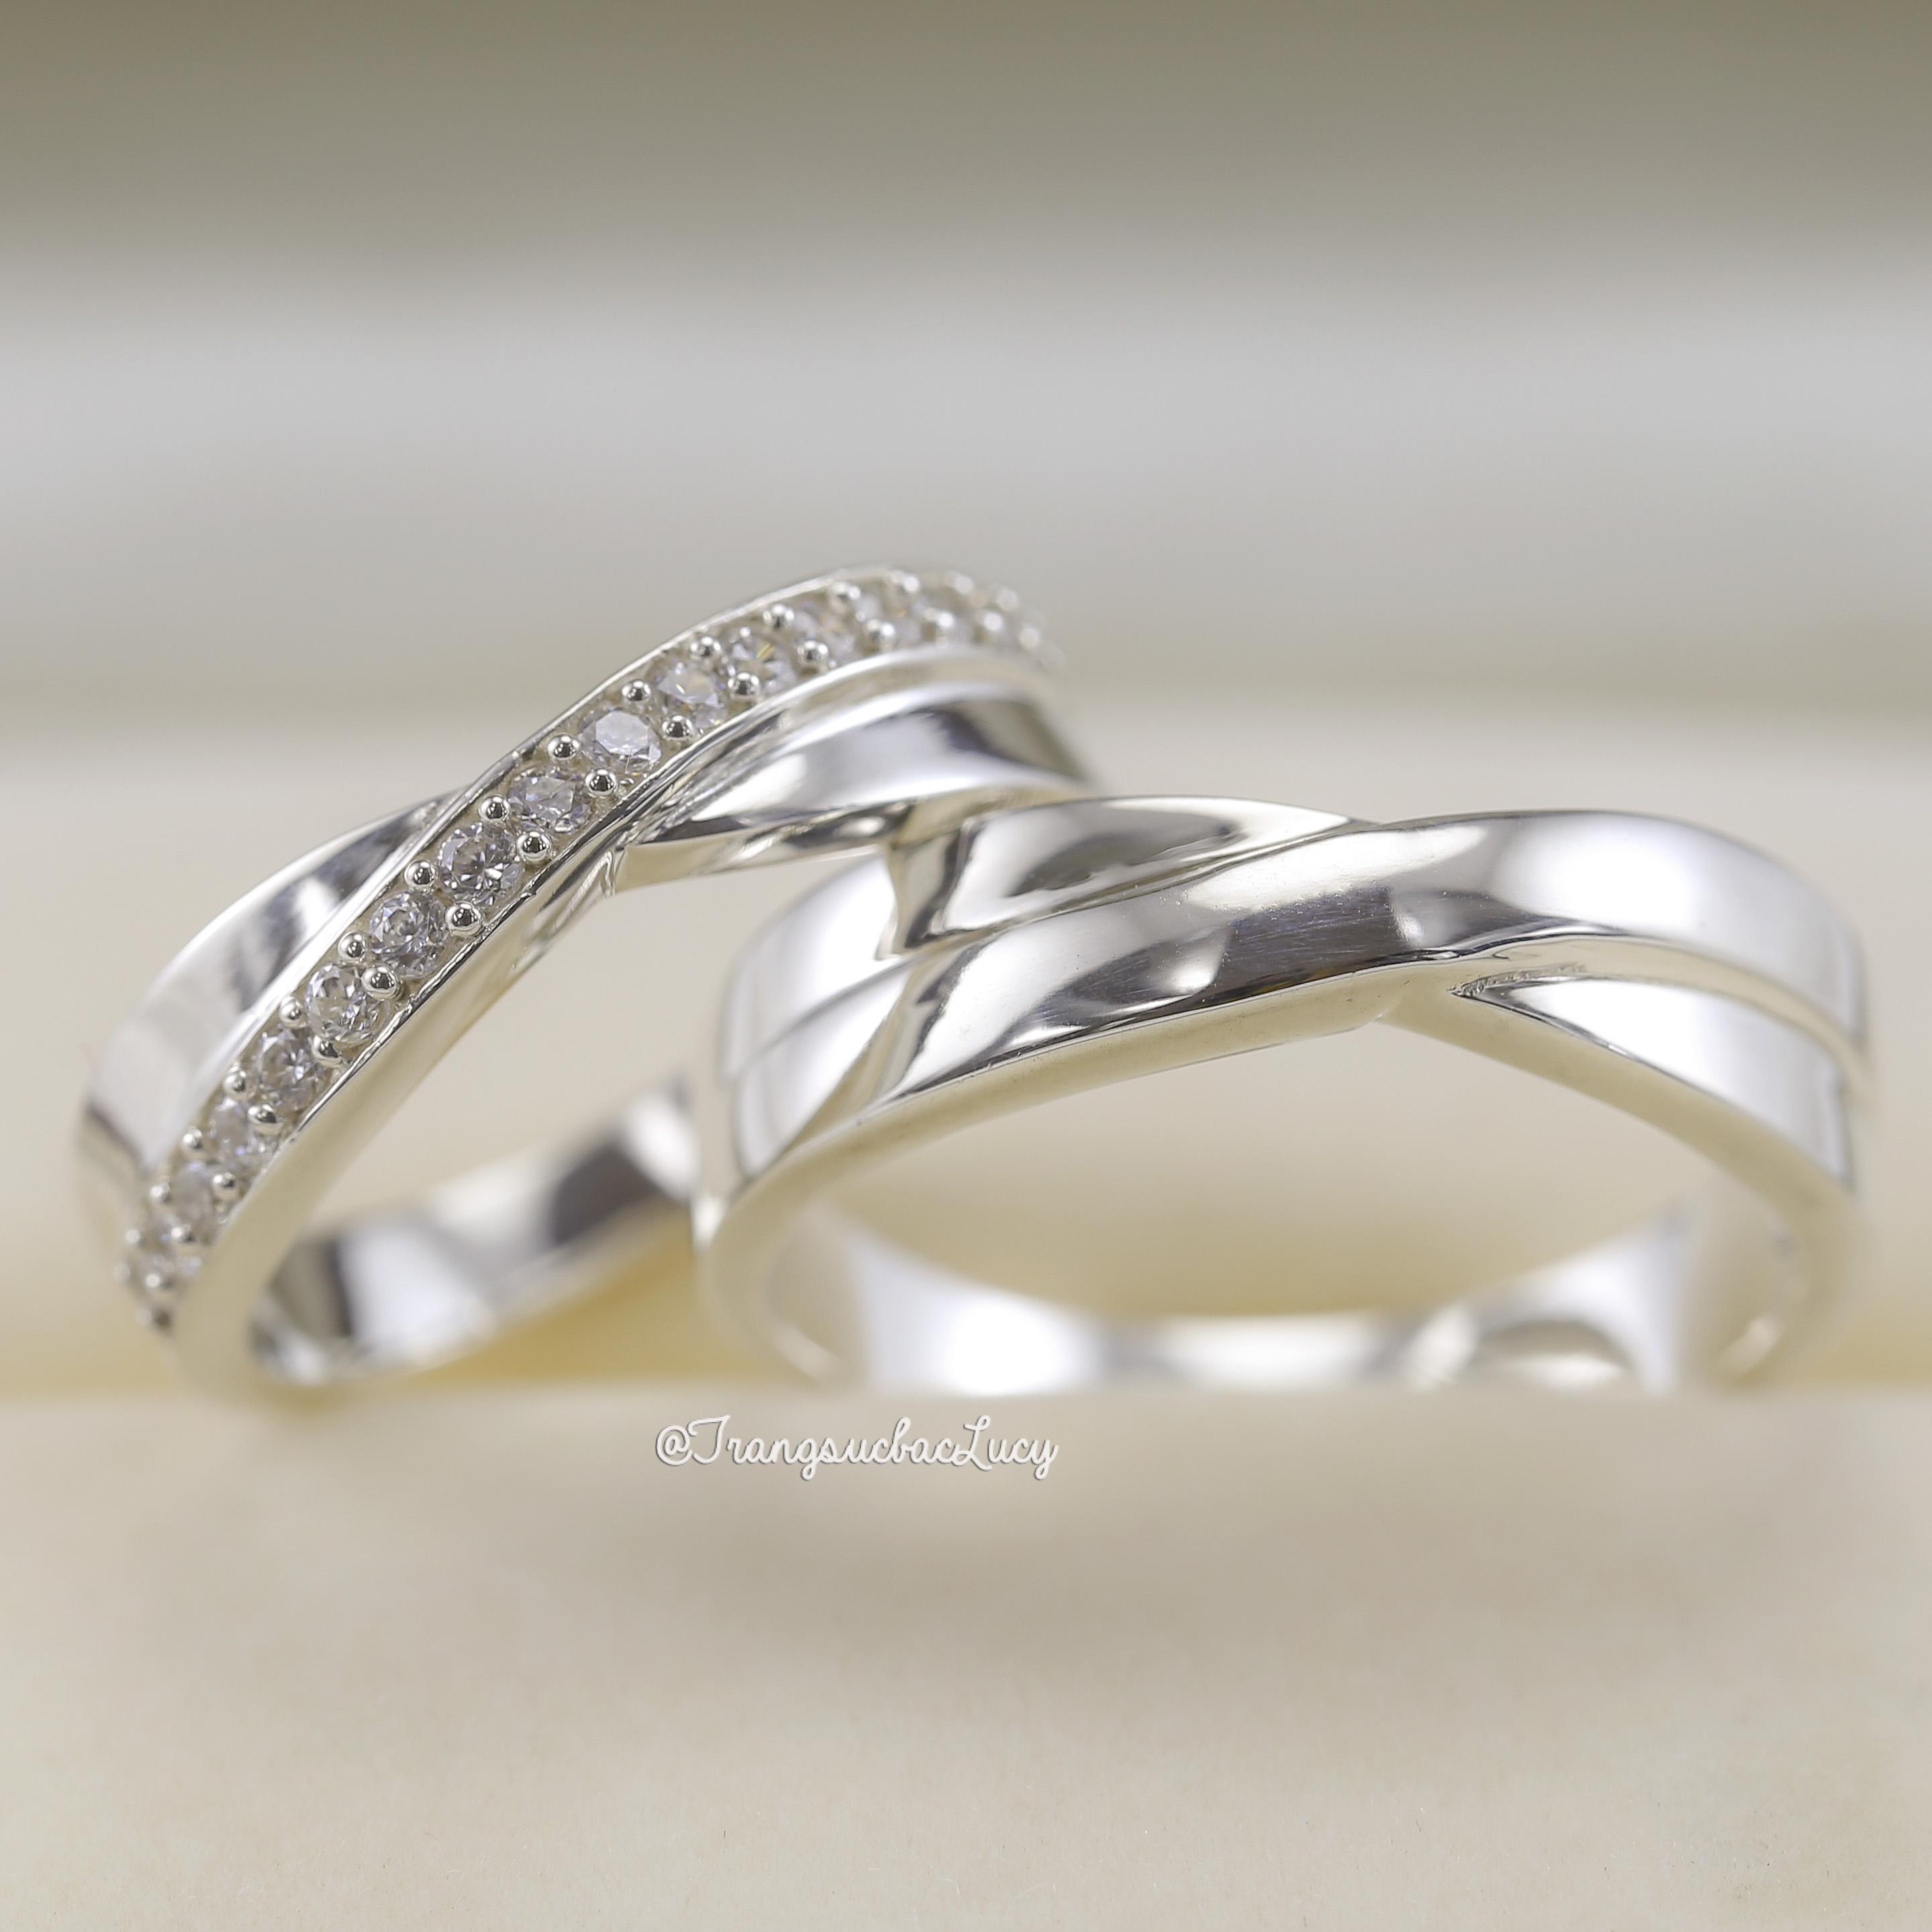 Nhẫn đôi nhẫn cặp bạc Lucy -  ND008